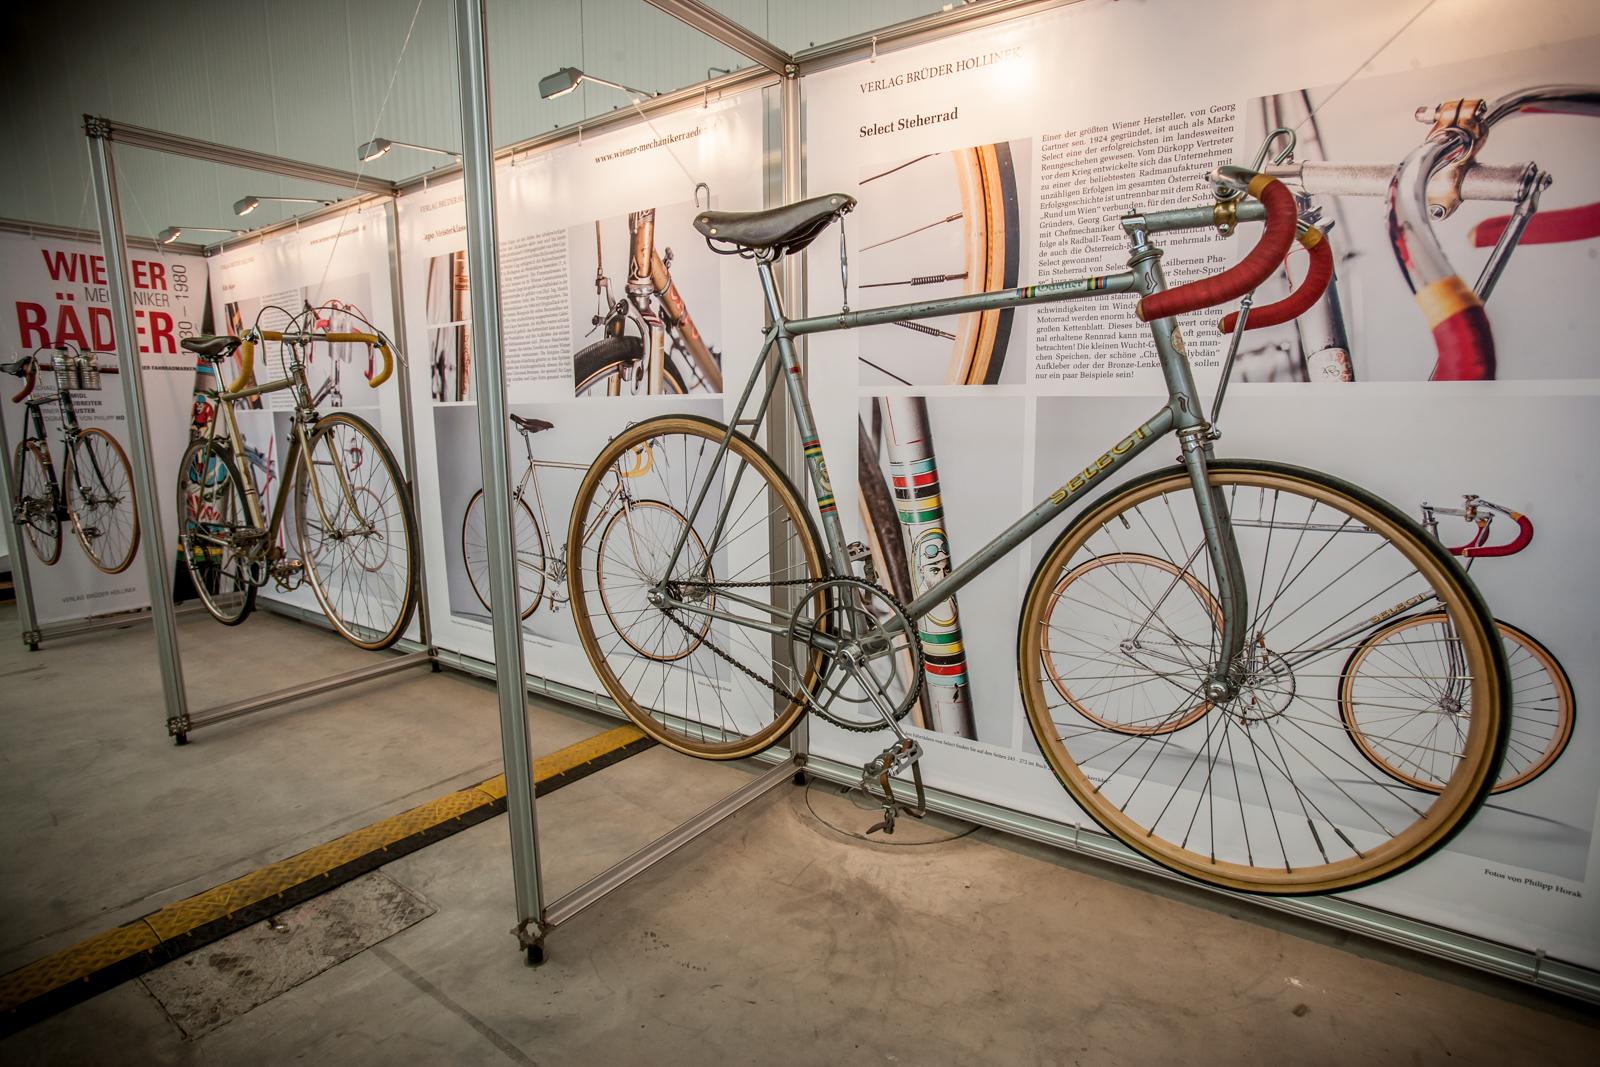 """Eine kleine Sonderausstellung war den """"WIener Mechanikerrädern"""" gewidmet. Will heißen: Authentische Zeugnisse der regen Fahrradproduktion, welche zwischen 1930 und 1980 in der Bundeshauptstadt beheimatet war. Insgesamt gab's über 100 Marken, und dank eines mehr als nur velophilen Teams aus begeisterten Sammlern, begnadeten Schreibern, begabten Fotografen und sonstigen Verrückten finden sich diese seit einigen Jahren alle versammelt in einem wunderschönen Buch."""